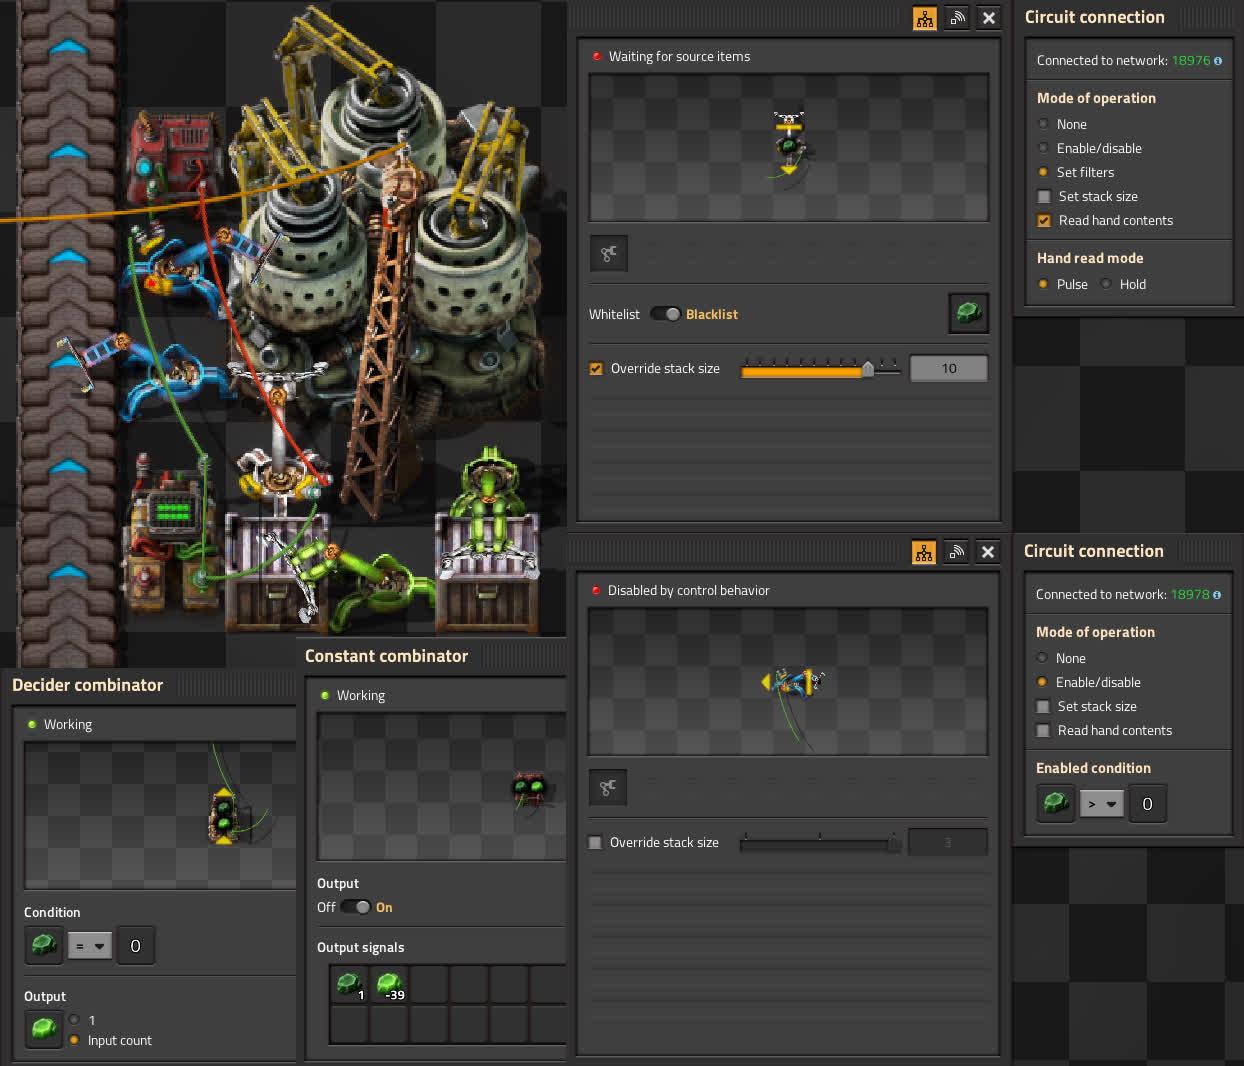 Kovarex enrichment circuit setup